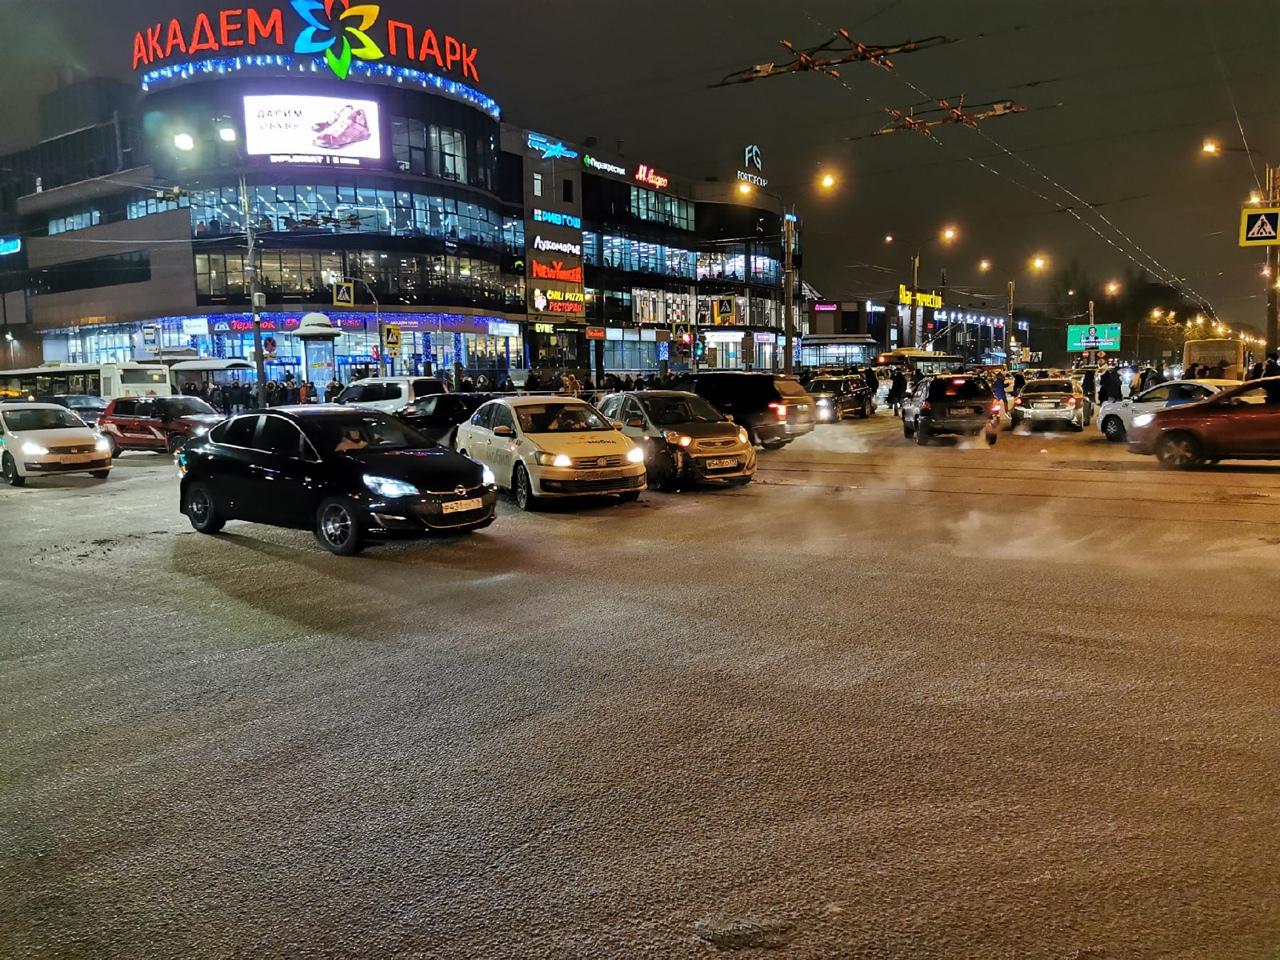 Такси Ситимобиль и малолитражка встретились на перекрёстке у метро Академическая, трамваи встали, пр...